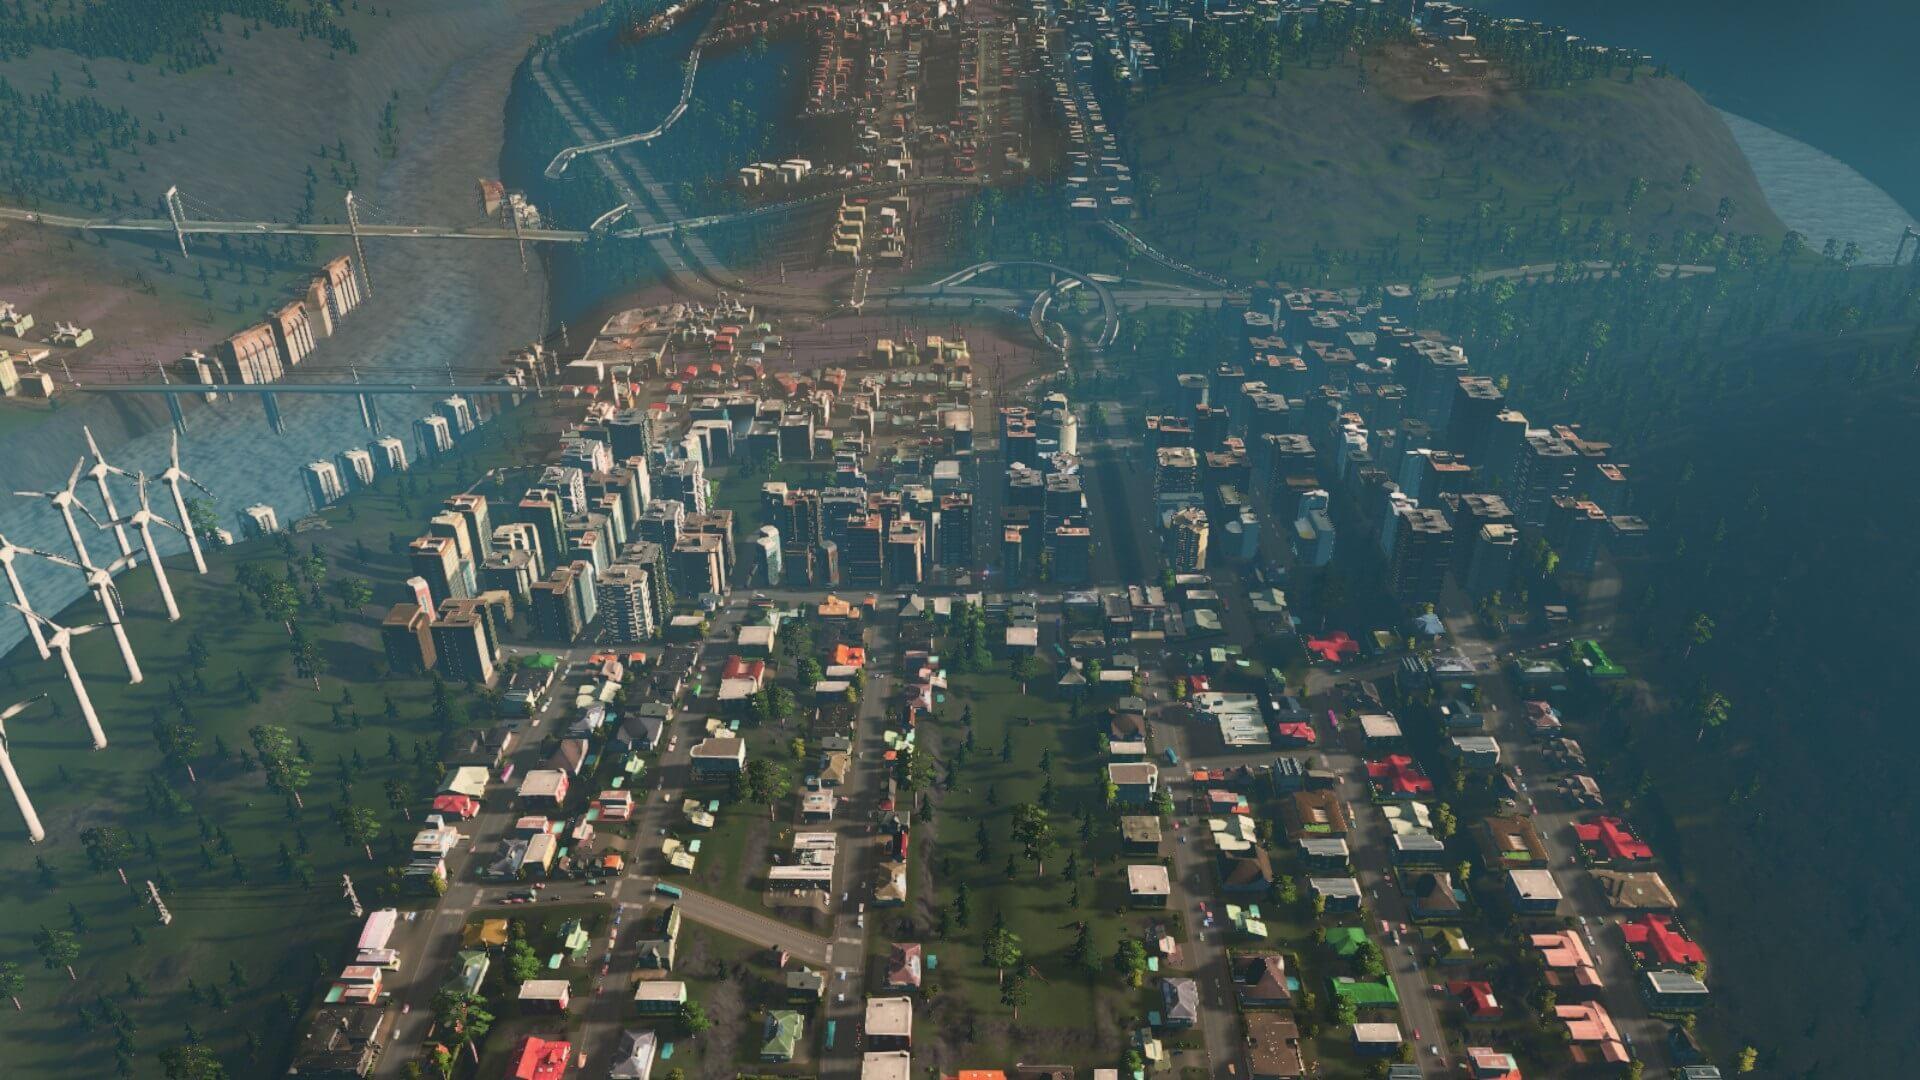 section-1024x576 【Cities:skylines 攻略ブログ】シナリオ アルパイン・ヴィレッジ 公共の交通機関で50万人を輸送する Cities:Skylines(シティーズ:スカイライン ) 街作りシミュレーションゲーム